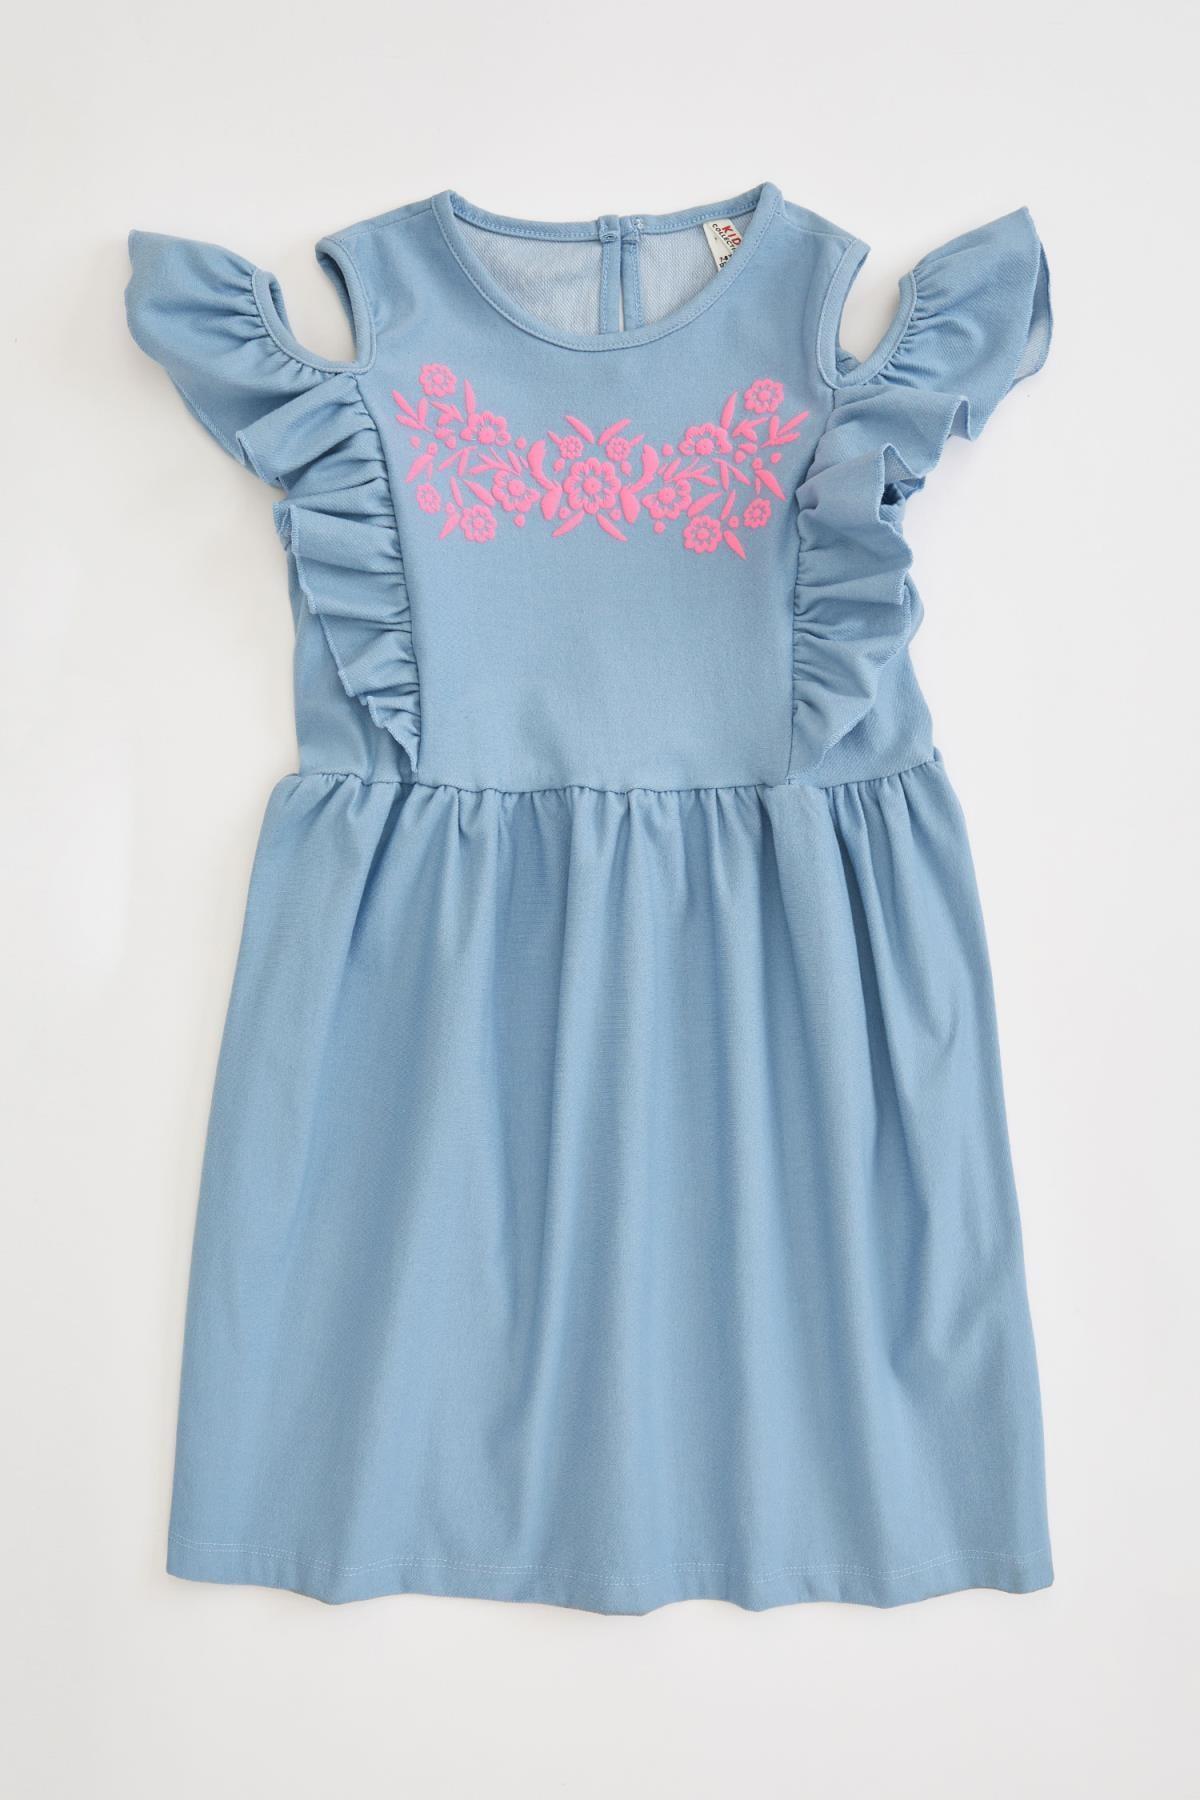 Defacto Kız Çocuk Baskılı Kol Detaylı Örme Elbise 4